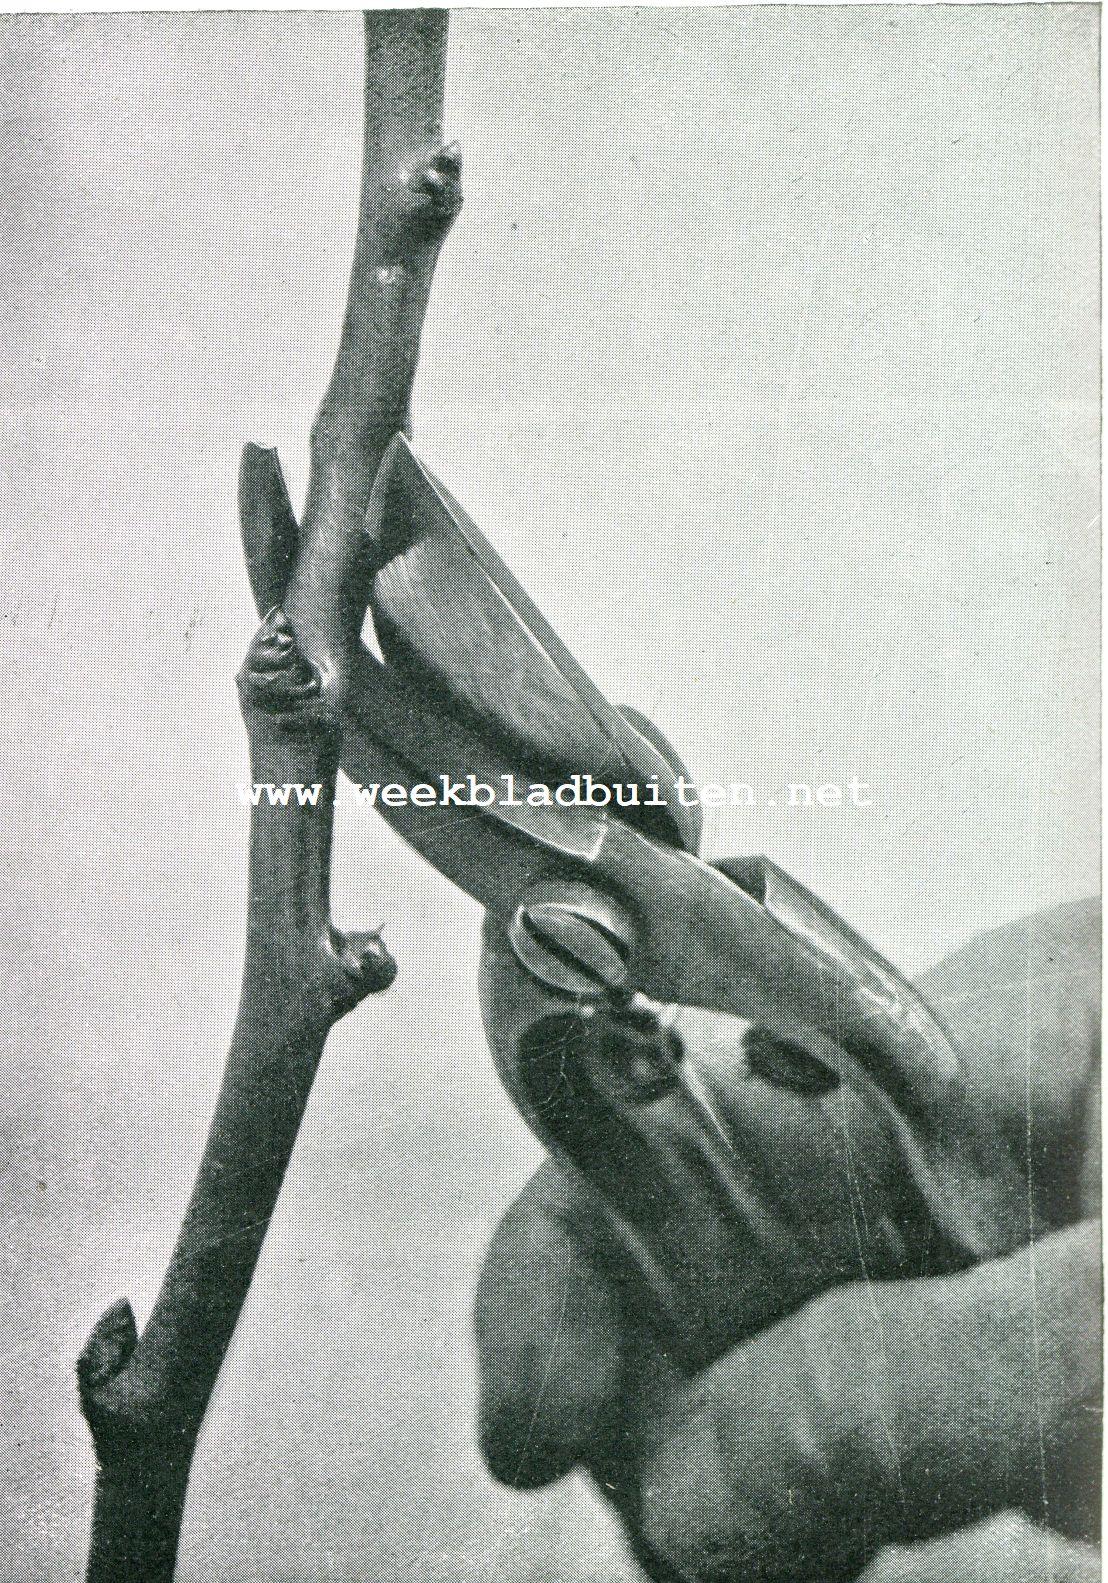 Hoe moet men het gereedschap gebruiken bij den boomsnoei. Verkeerde wijze van het houden der schaar. Hier wordt de schaar onhandig gebruikt. De haak op den onderkant van de tak gezet, zal door den druk bij het afknippen het hout kneuzen. Een dergelijke handelwijze zou het snoeioog beschadigen, tenzij men met een hieltje snoeide, dat wil zeggen een goed eind boven het oog